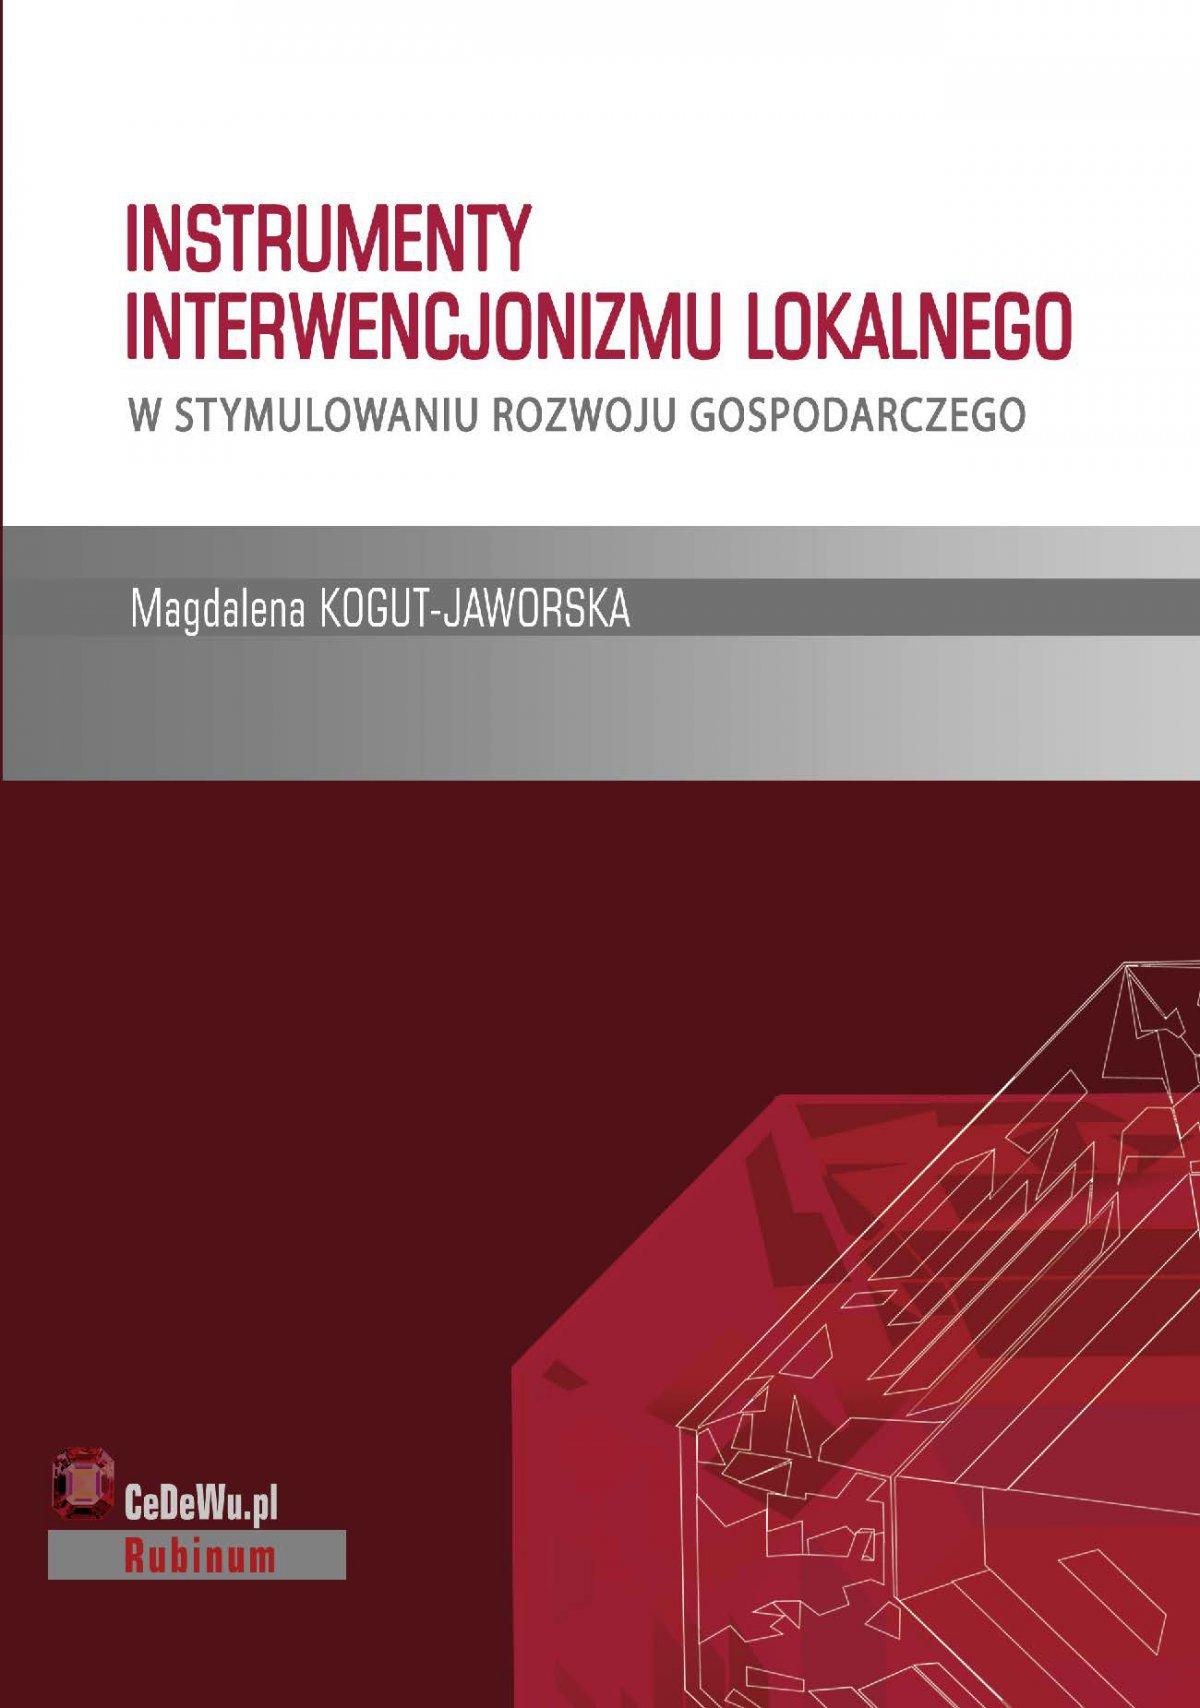 Instrumenty interwencjonizmu lokalnego w stymulowaniu rozwoju gospodarczego. Rozdział 1. INFRASTRUKTURA GOSPODARCZA – POJĘCIE, ROZWÓJ, ZNACZENIE - Ebook (Książka PDF) do pobrania w formacie PDF